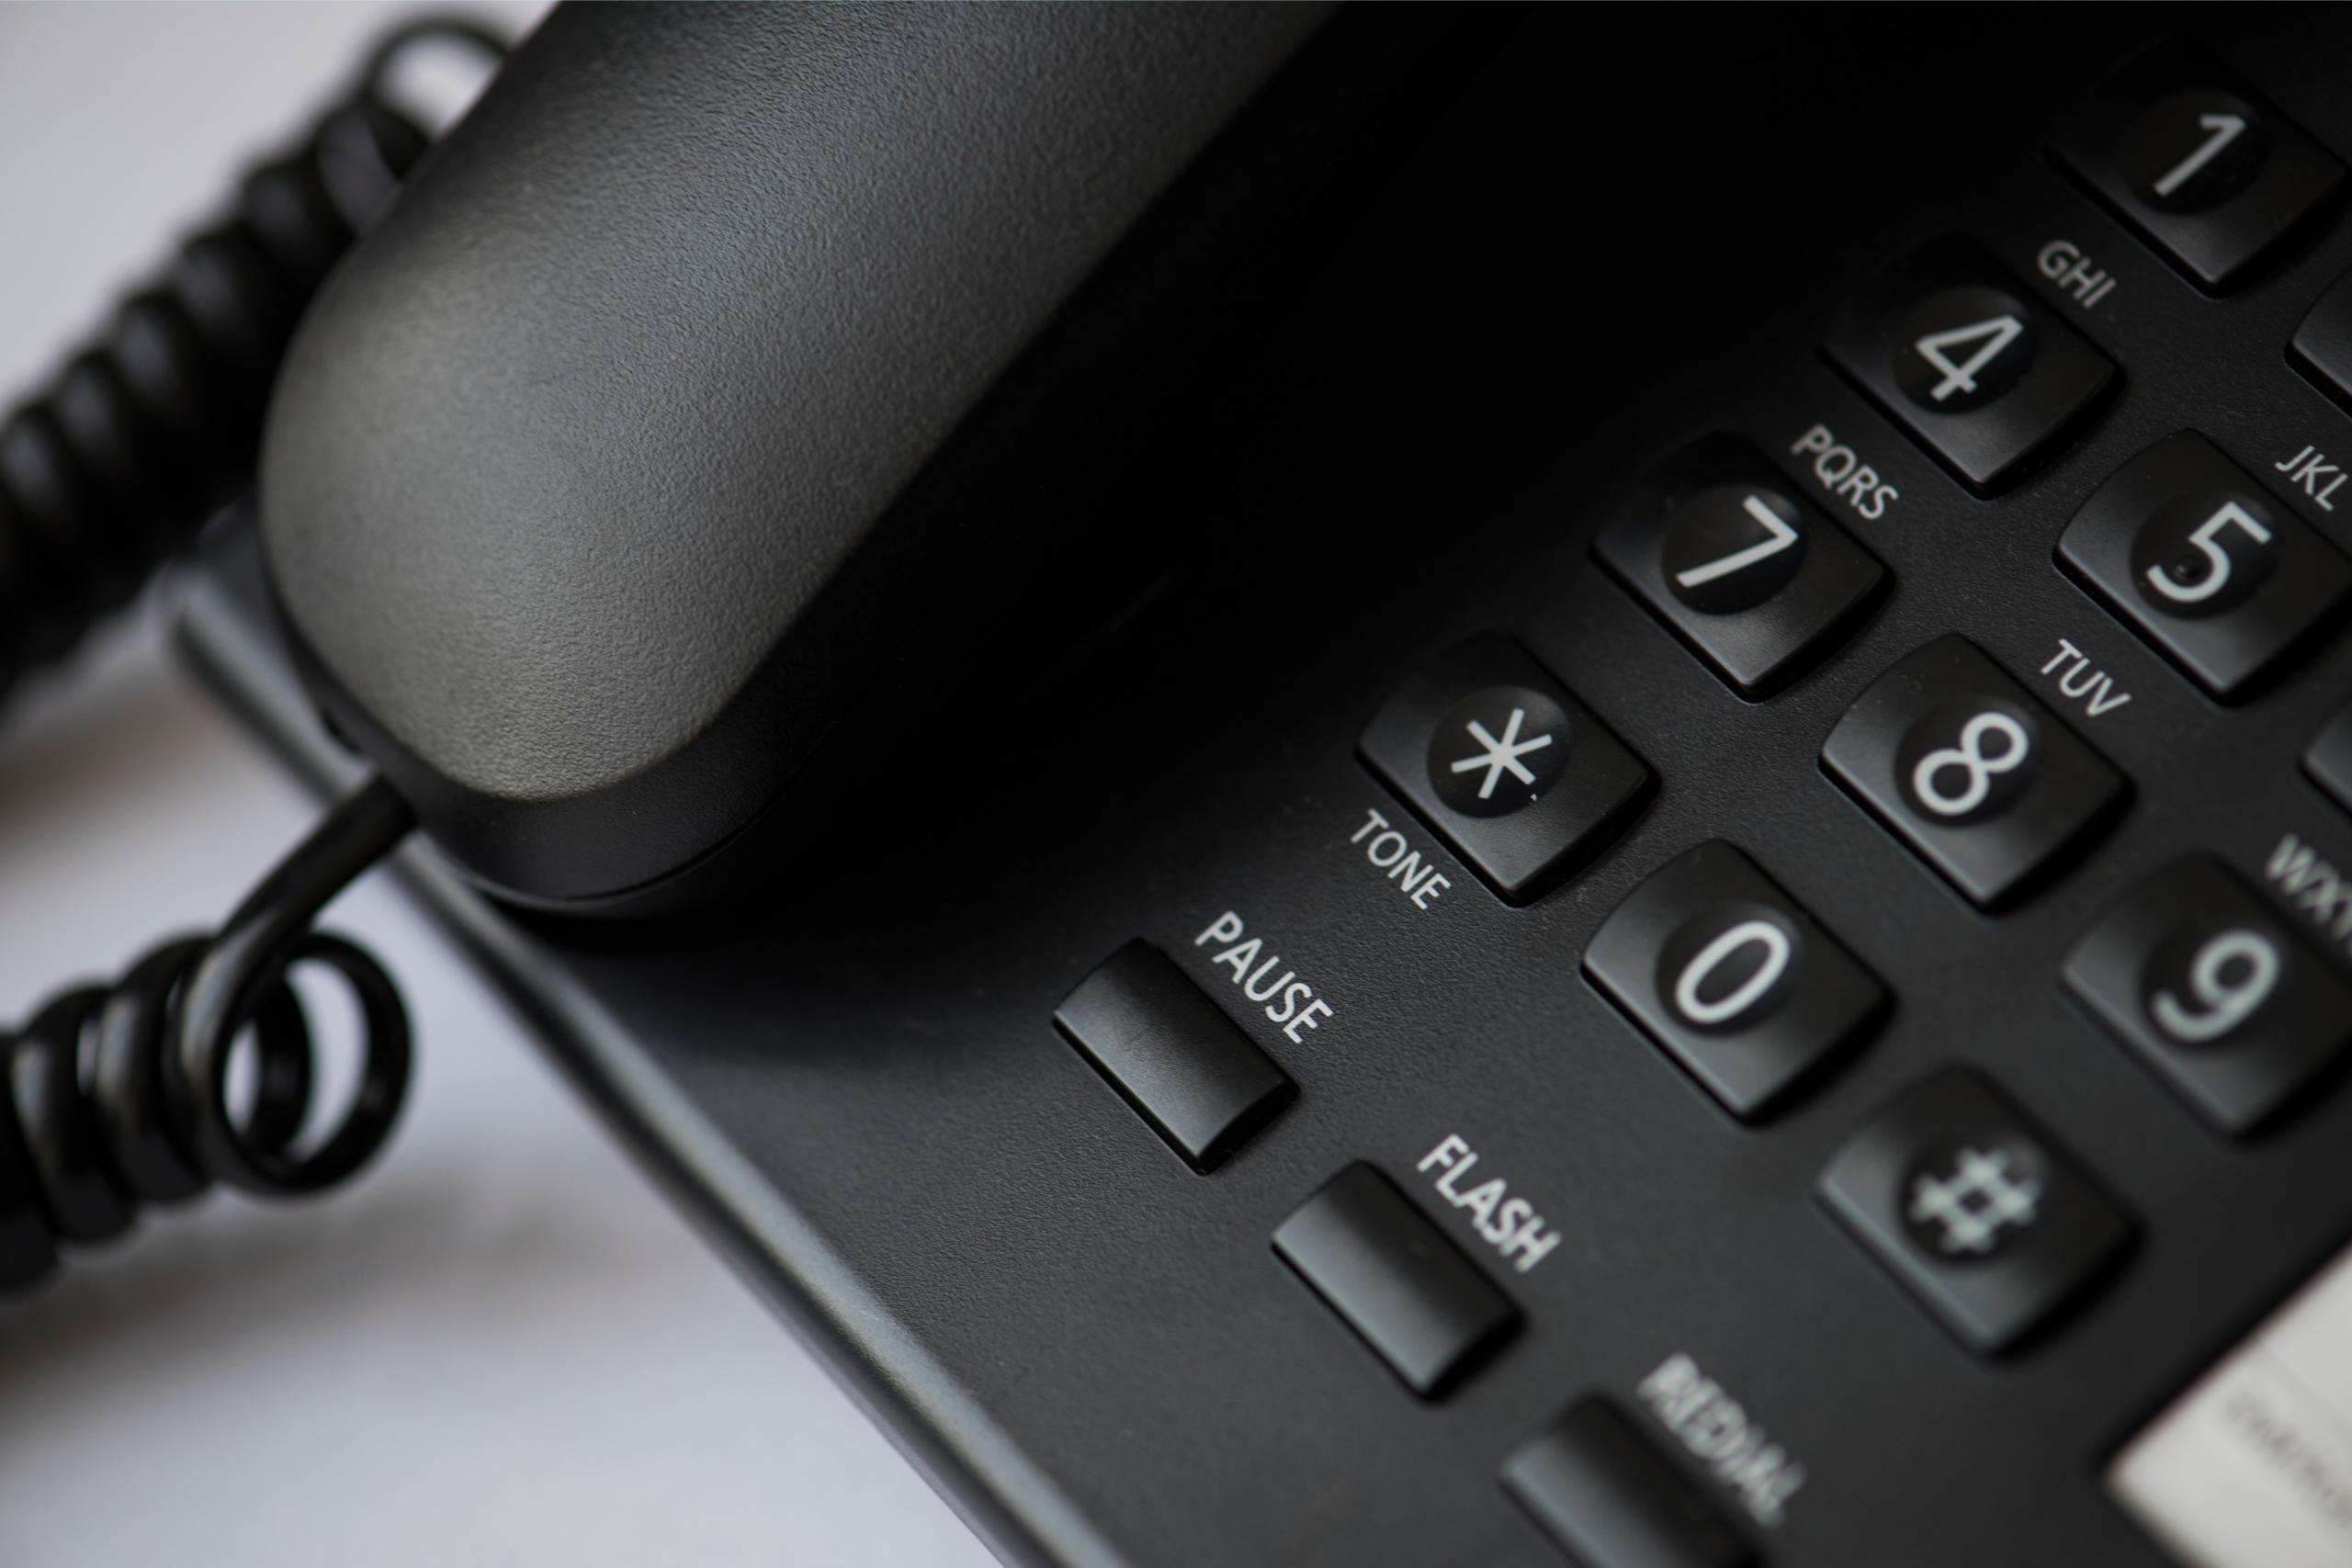 Central téléphonique cloud : quels avantages pour entreprises